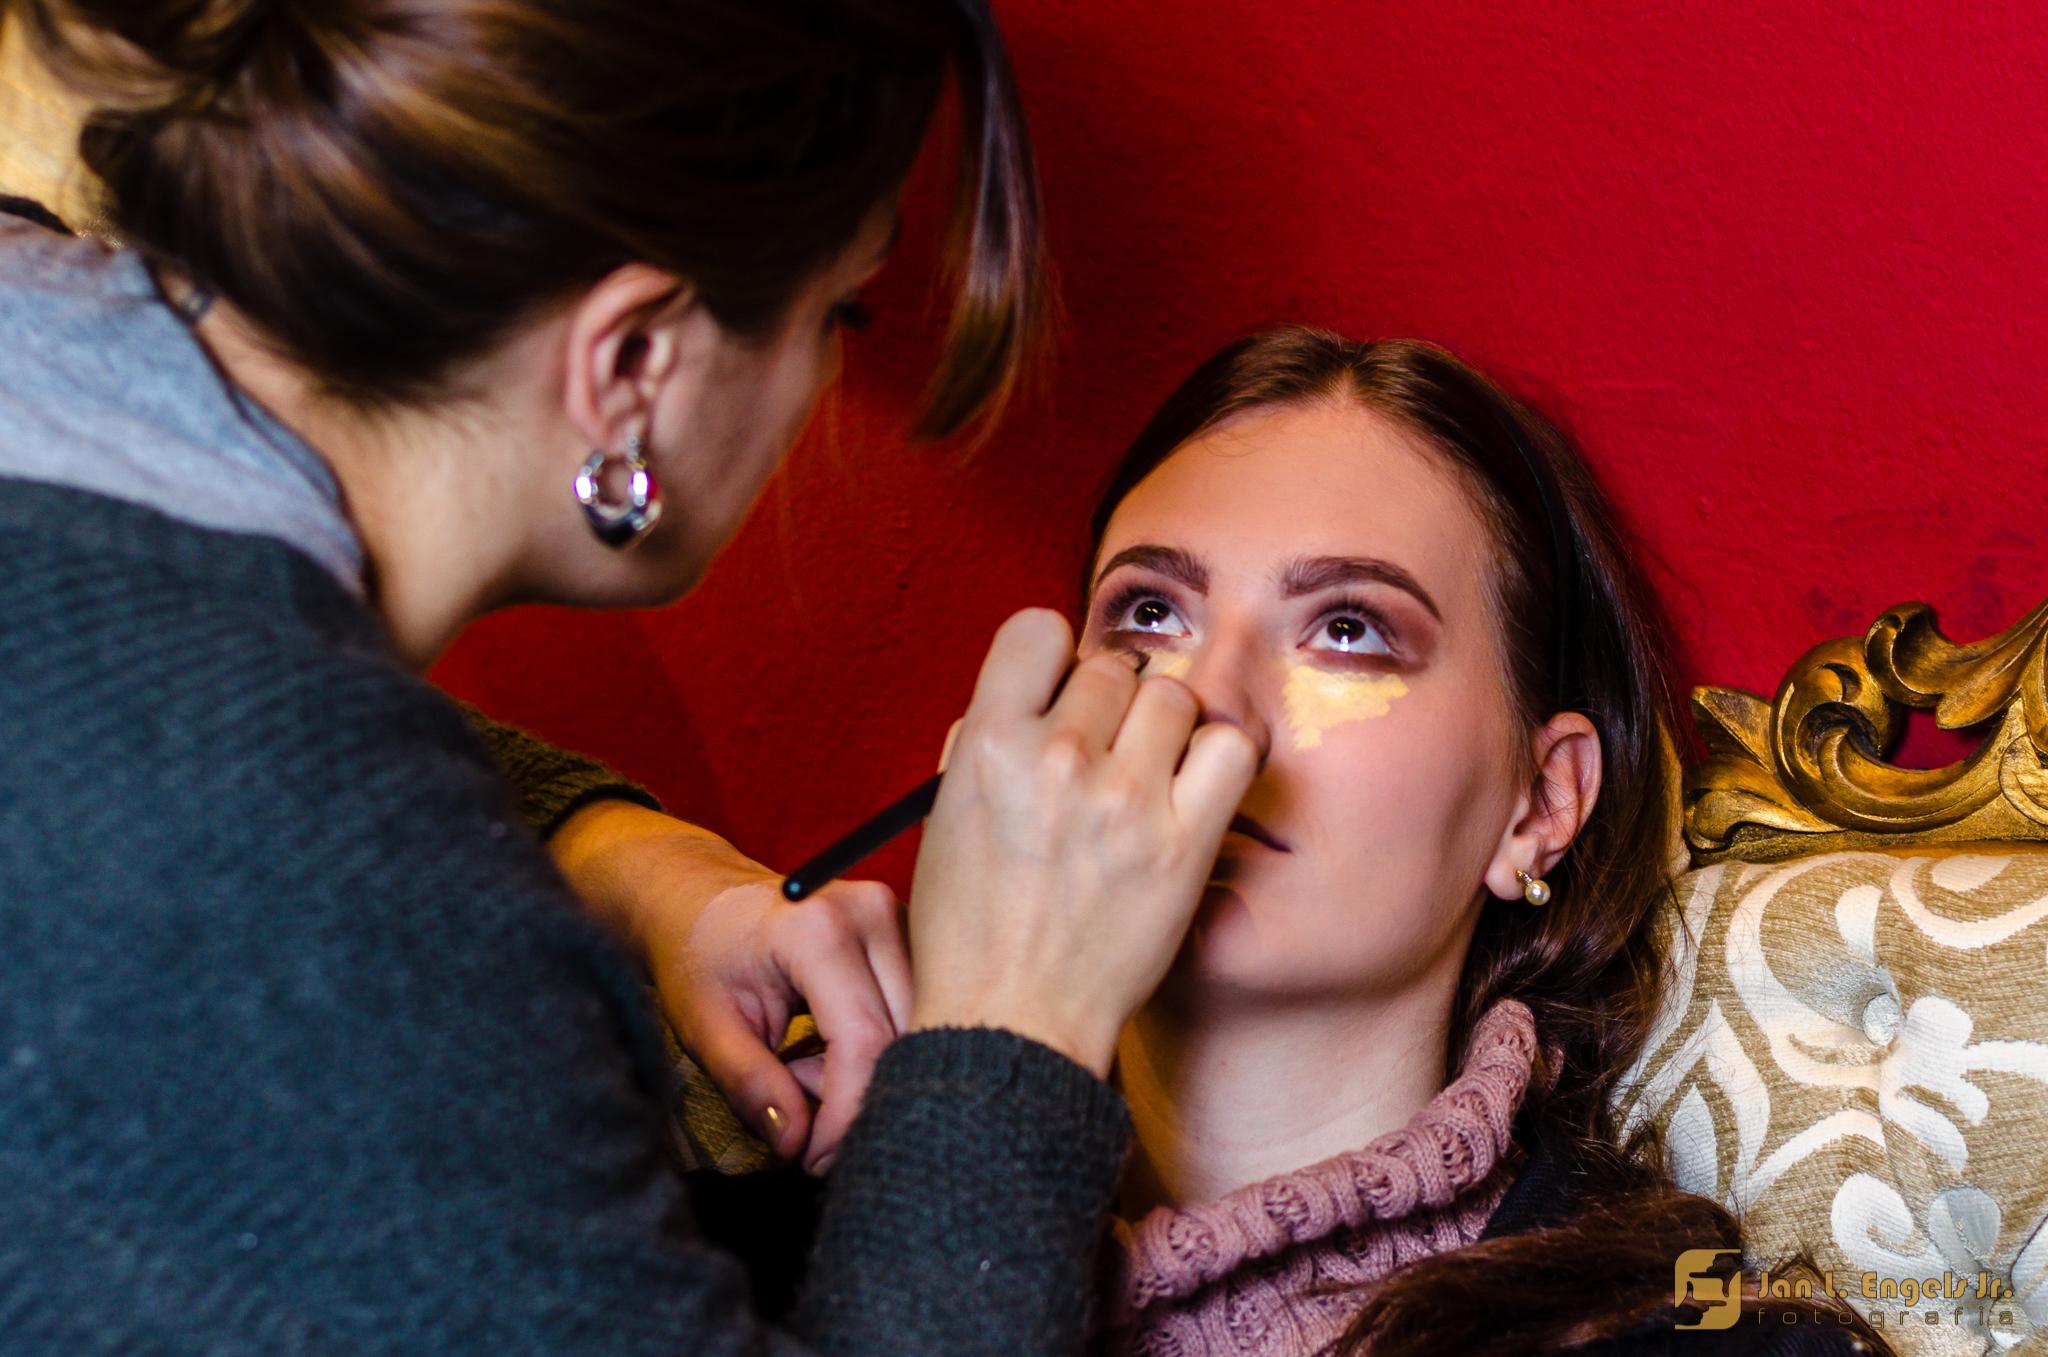 Makuep Editorial maquiagem maquiador(a)